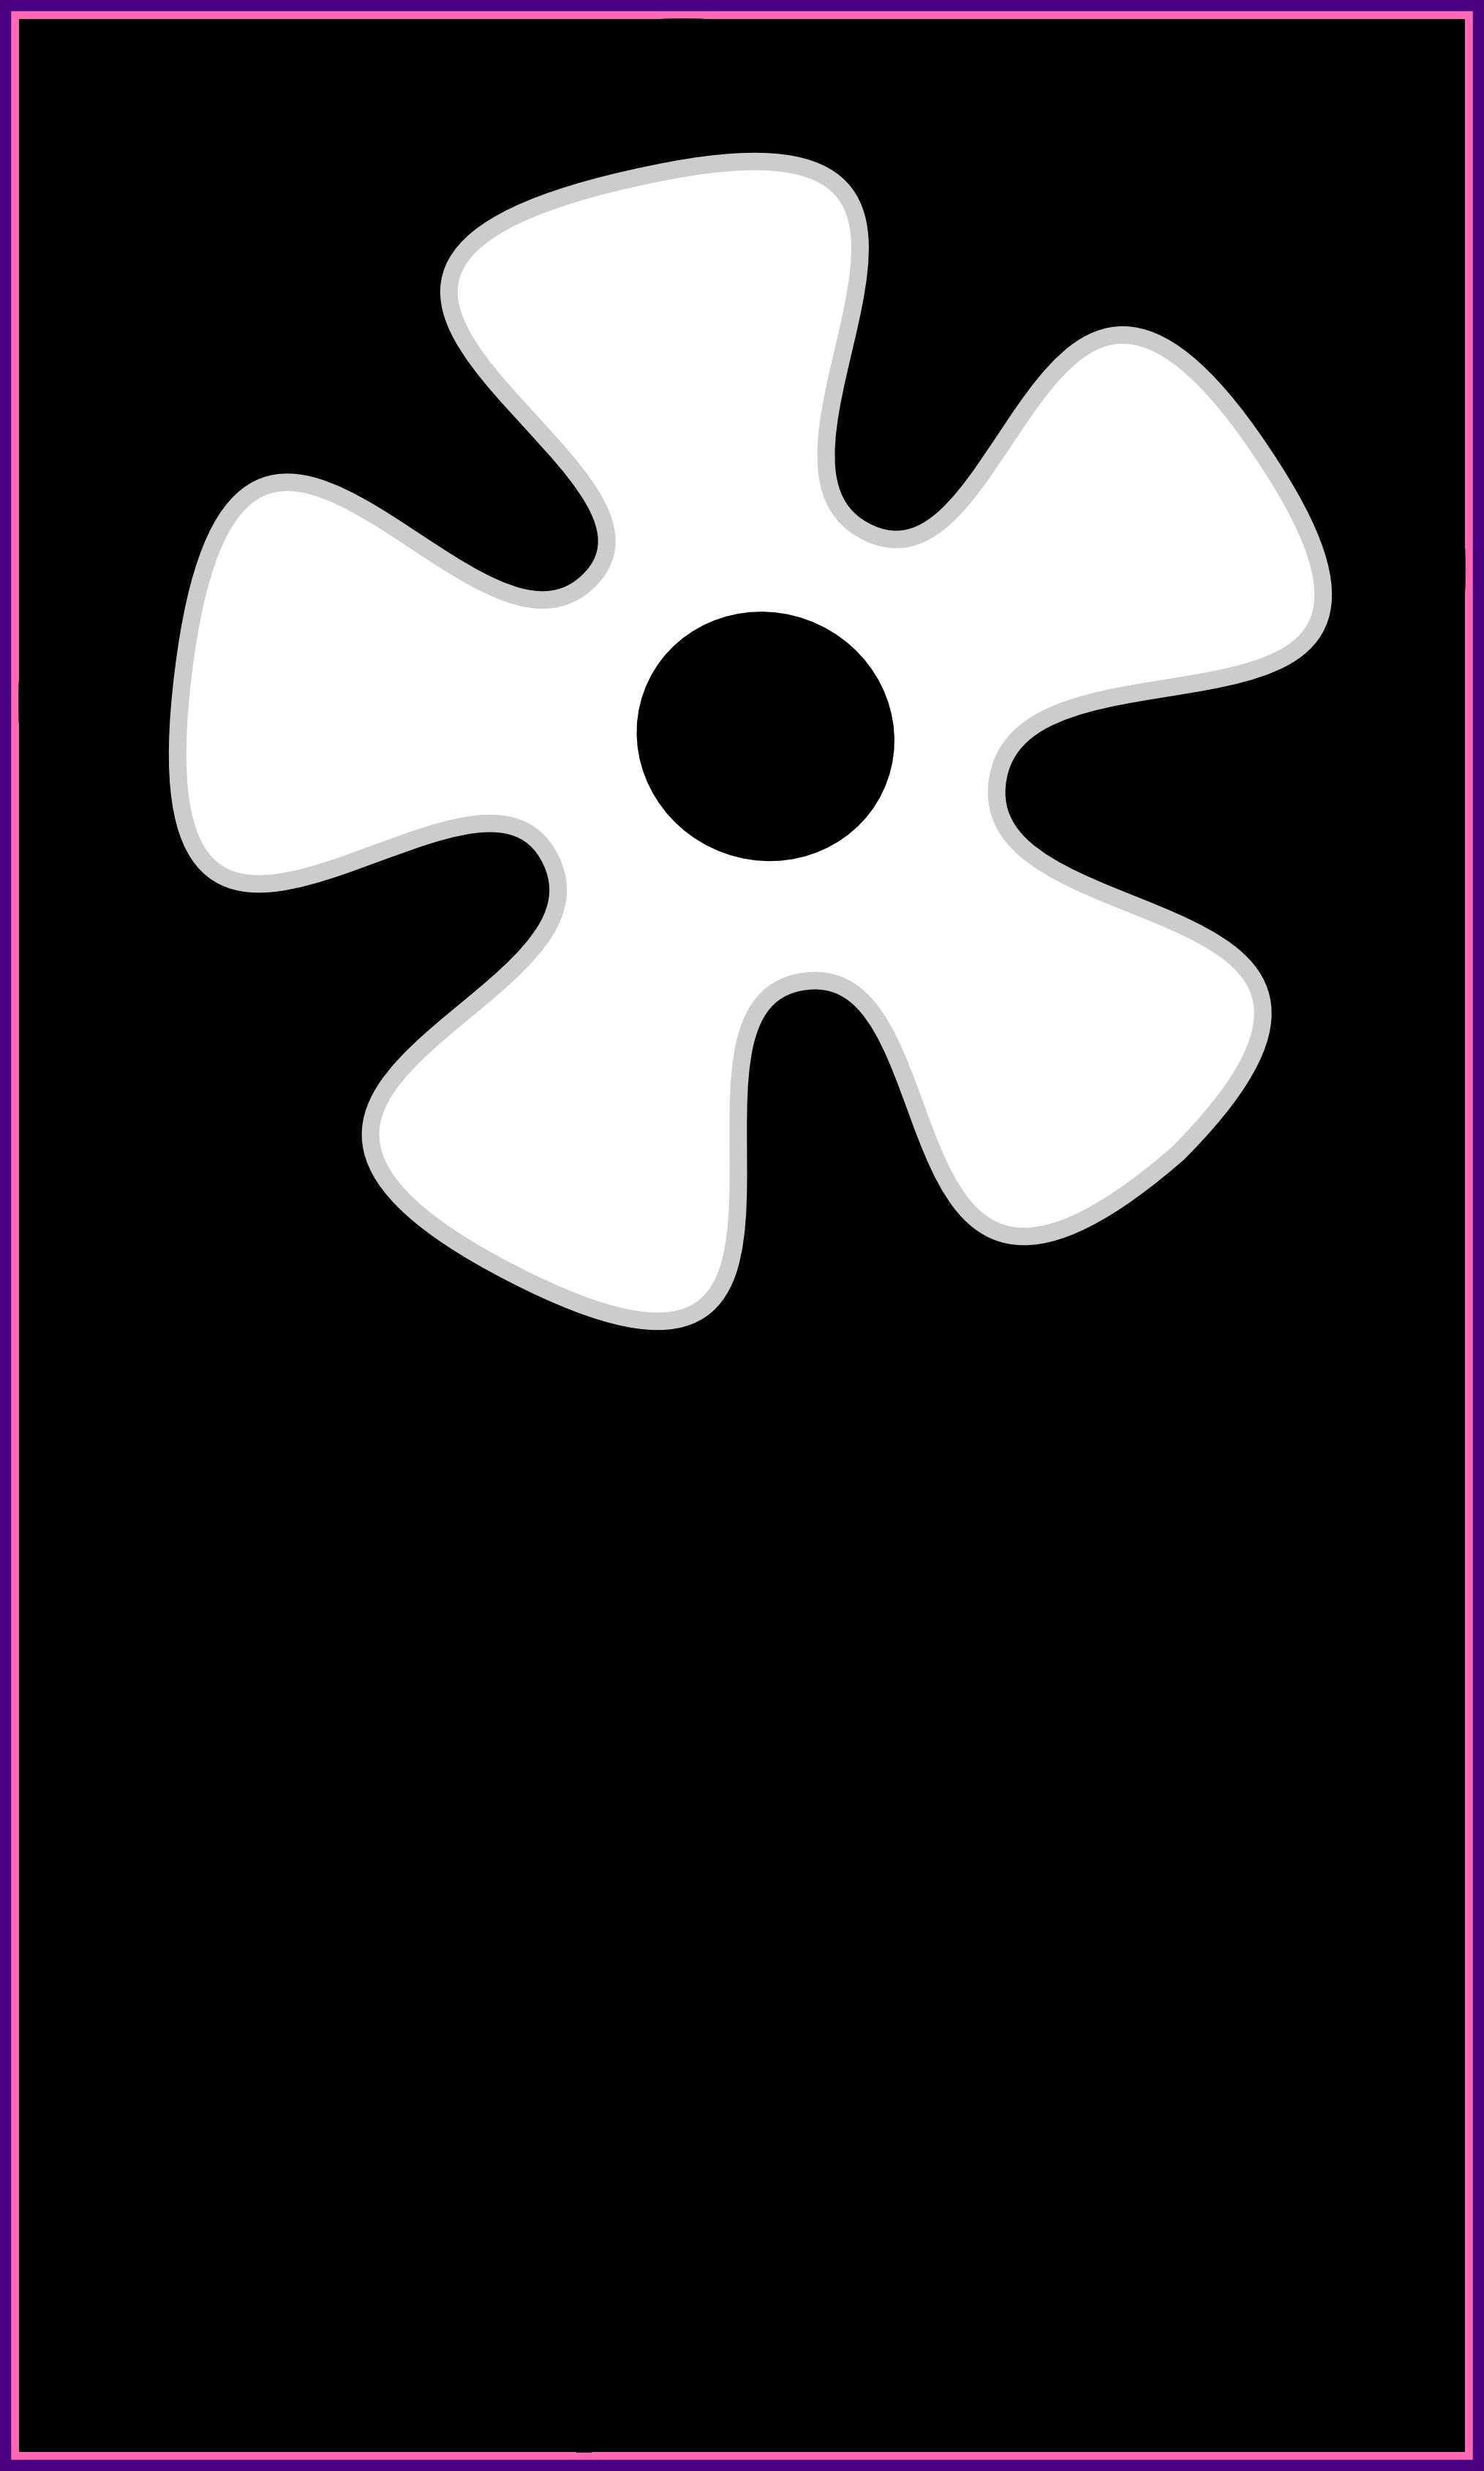 Flower clipart outline. Marvelous sun black and